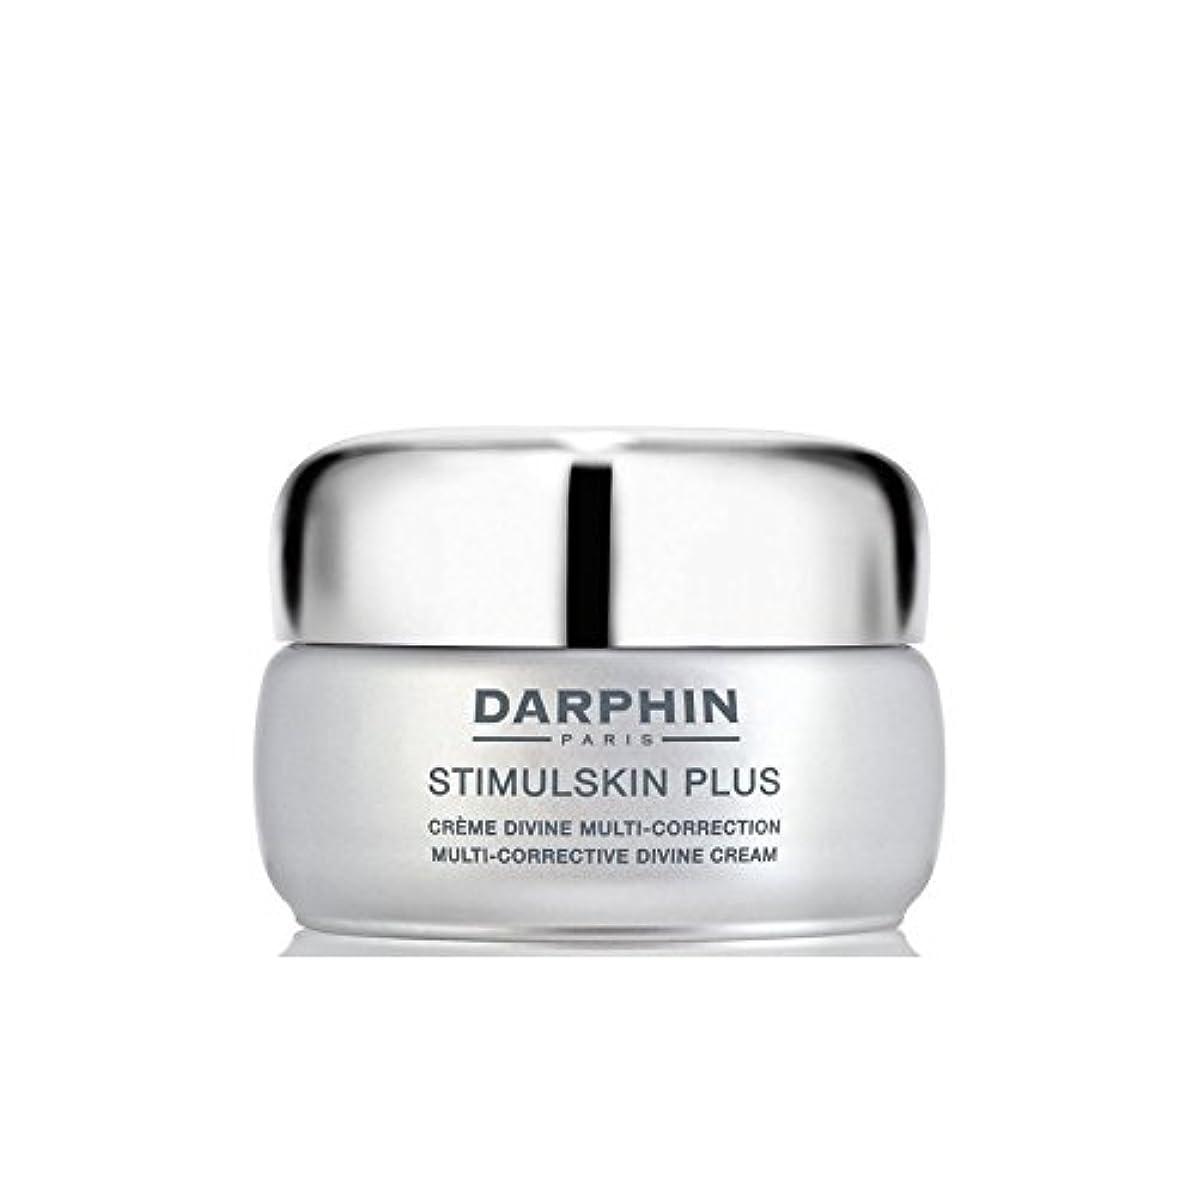 サンダルペフスチュワードDarphin Stimulskin Plus Multi-Corrective Divine Cream (Pack of 6) - ダルファンスティプラスマルチ是正神のクリーム x6 [並行輸入品]